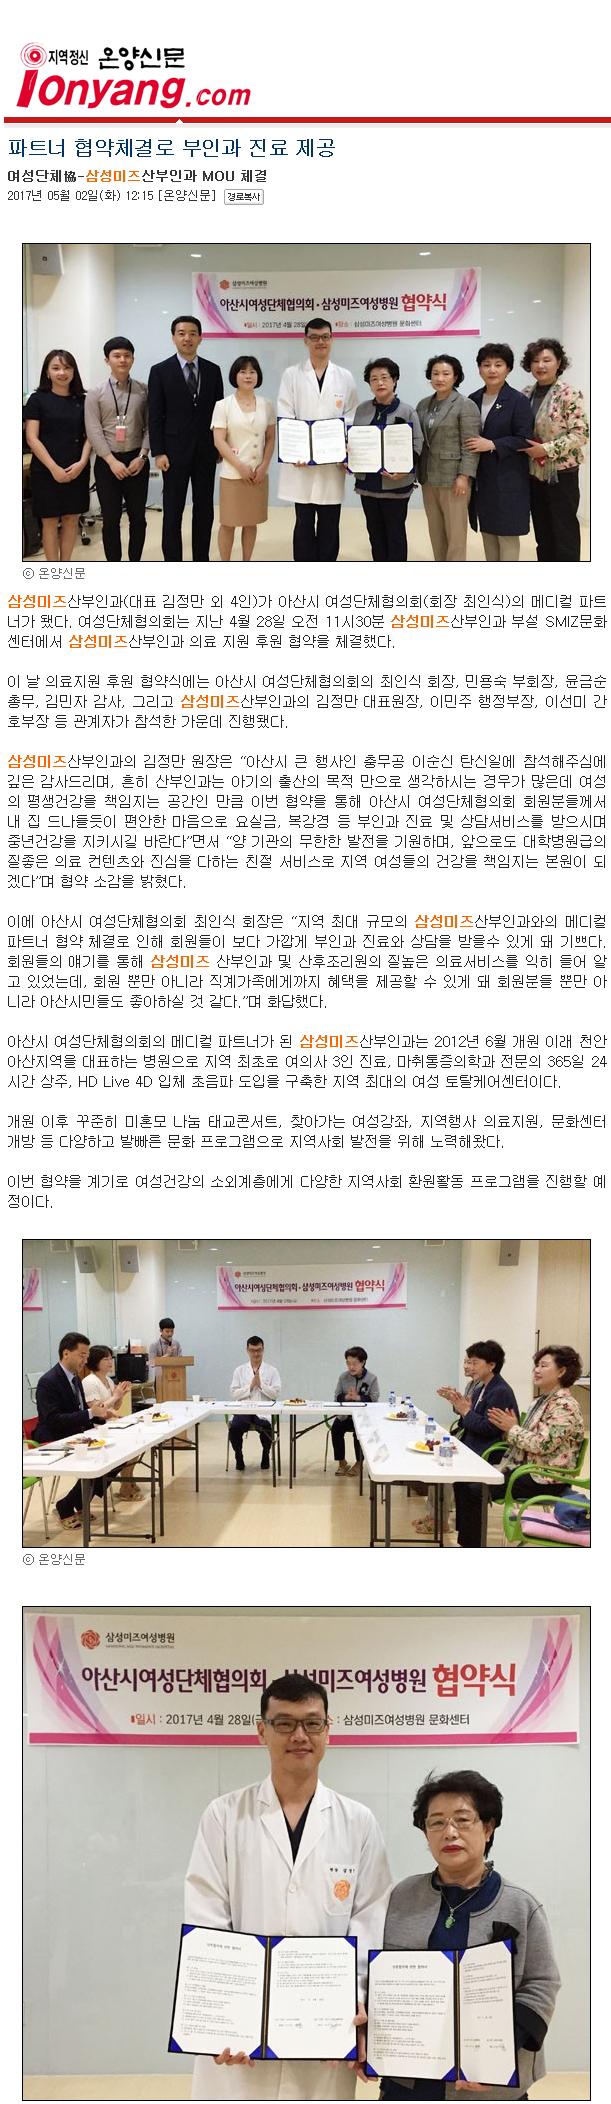 아산시 여성단체협의회 협약_온양신문_20170501.jpg